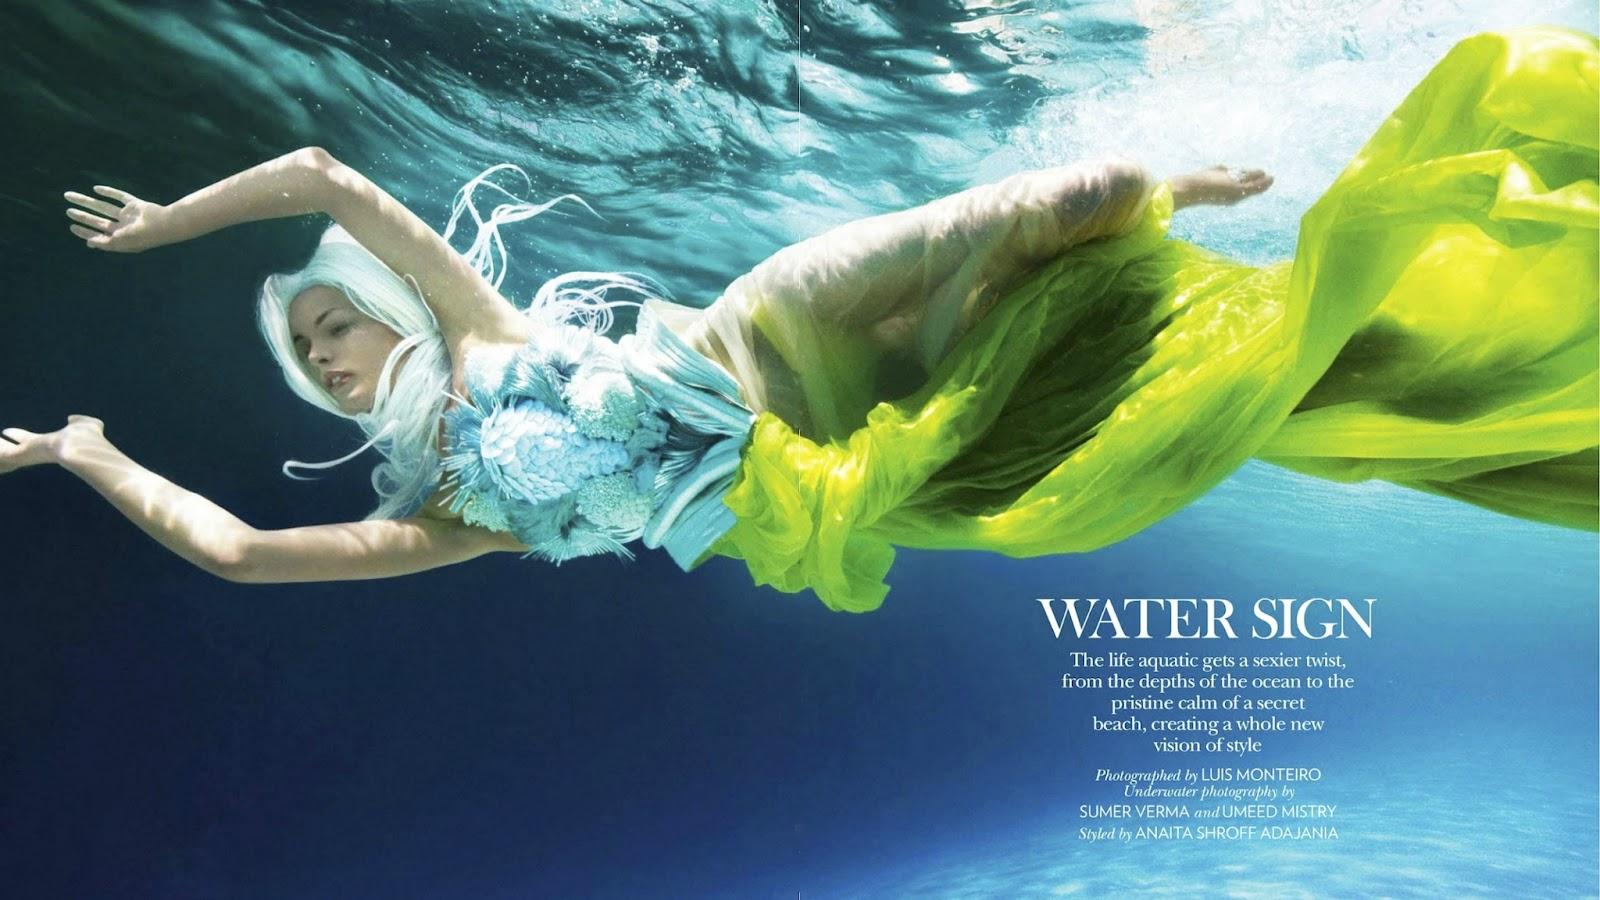 http://3.bp.blogspot.com/-74HjjC-M3pM/T6kXYXz6CbI/AAAAAAAAGdM/CUH0idLomss/s1600/1_water%2Bsign-%2Bjessiann%2Bgravel-beland%2Bby%2Bluis%2Bmonteiro%252C%2Bsumer%2Bverma%2Band%2Bumeed%2Bmistry%2Bfor%2Bvogue%2Bindia%2Bmay%2B2012.jpg